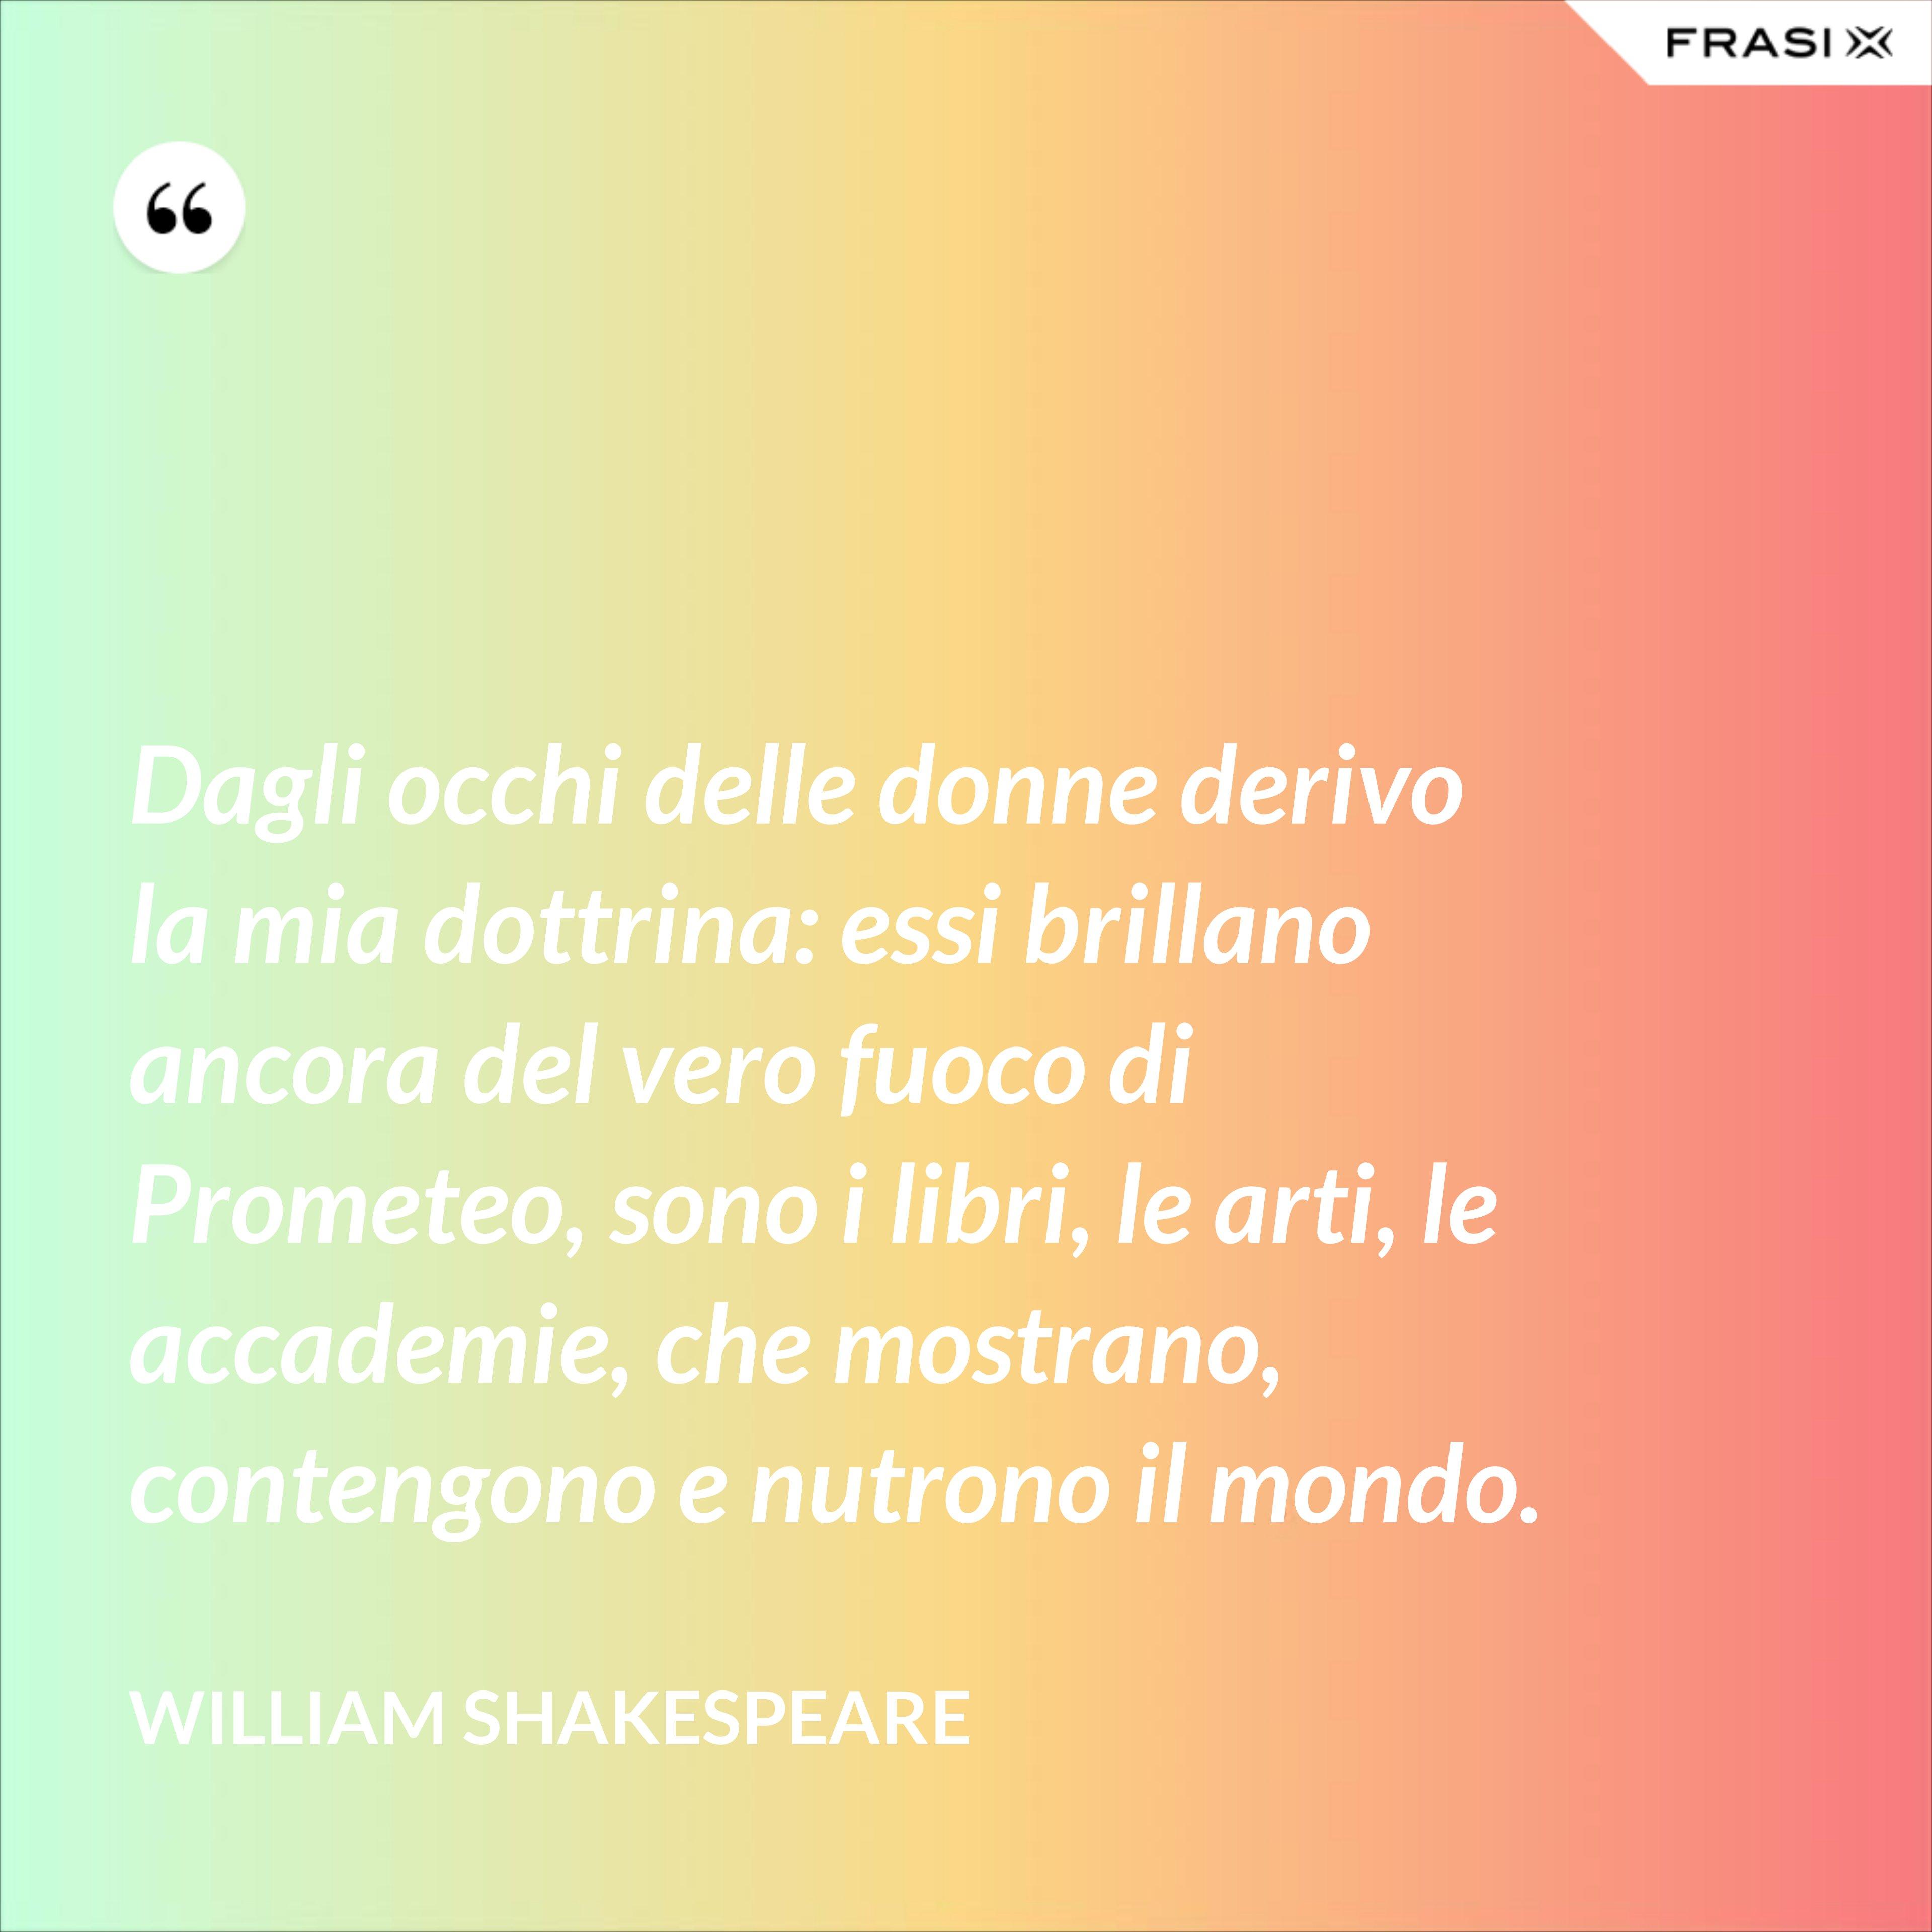 Dagli occhi delle donne derivo la mia dottrina: essi brillano ancora del vero fuoco di Prometeo, sono i libri, le arti, le accademie, che mostrano, contengono e nutrono il mondo. - William Shakespeare